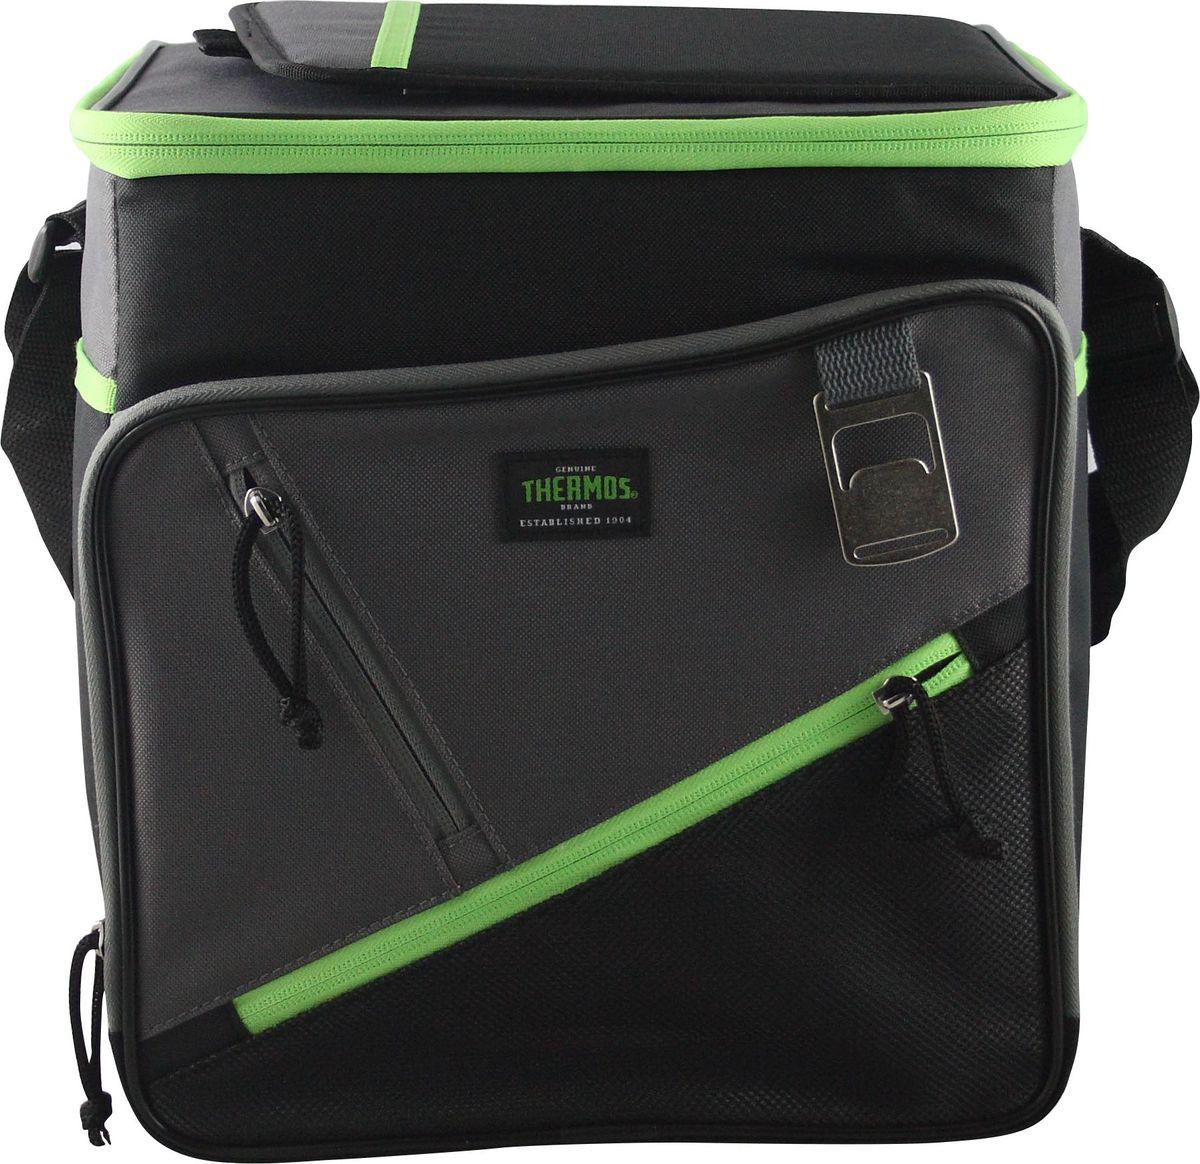 Сумка-термос Thermos Berkley 24 Can Cooler, цвет: зеленый, 15 л67742Термо-сумка отличается легкостью и компактностью. Все сумки складываются и фиксируются в сложенном положении что облегчает хранение. Внутреннее наполнение стенок позволяет сохранять продукты замороженными, свежими или теплыми длительное время. Внутренняя поверхность обладает 100% герметичностью. При перевозке жидкостей это позволяет избежать протеканий.